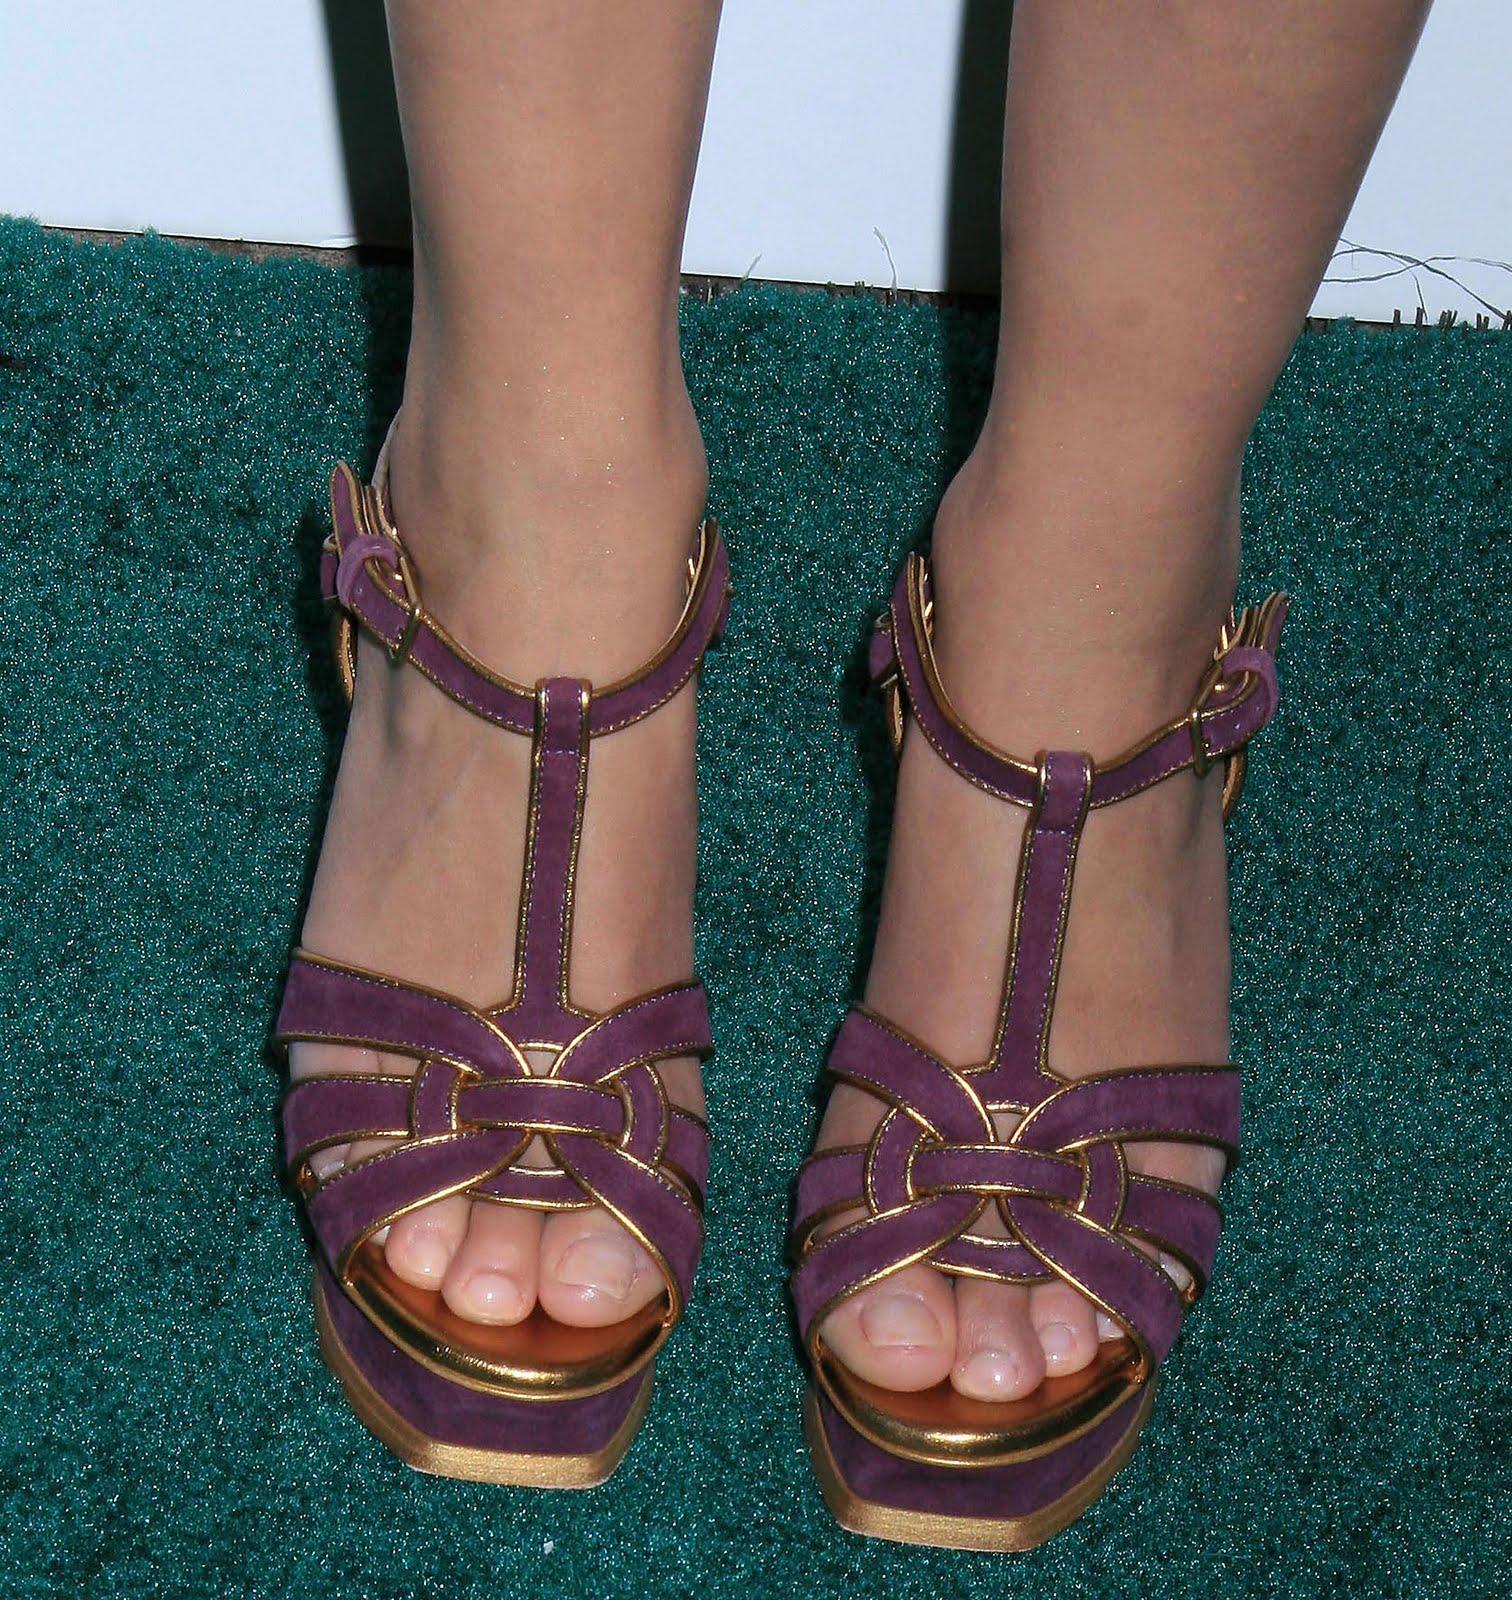 http://4.bp.blogspot.com/_bQ0SqifjNcg/TCWa88PJayI/AAAAAAAAW1c/GtvyrGavaQo/s1600/hayden-panettiere-feet-4.jpg